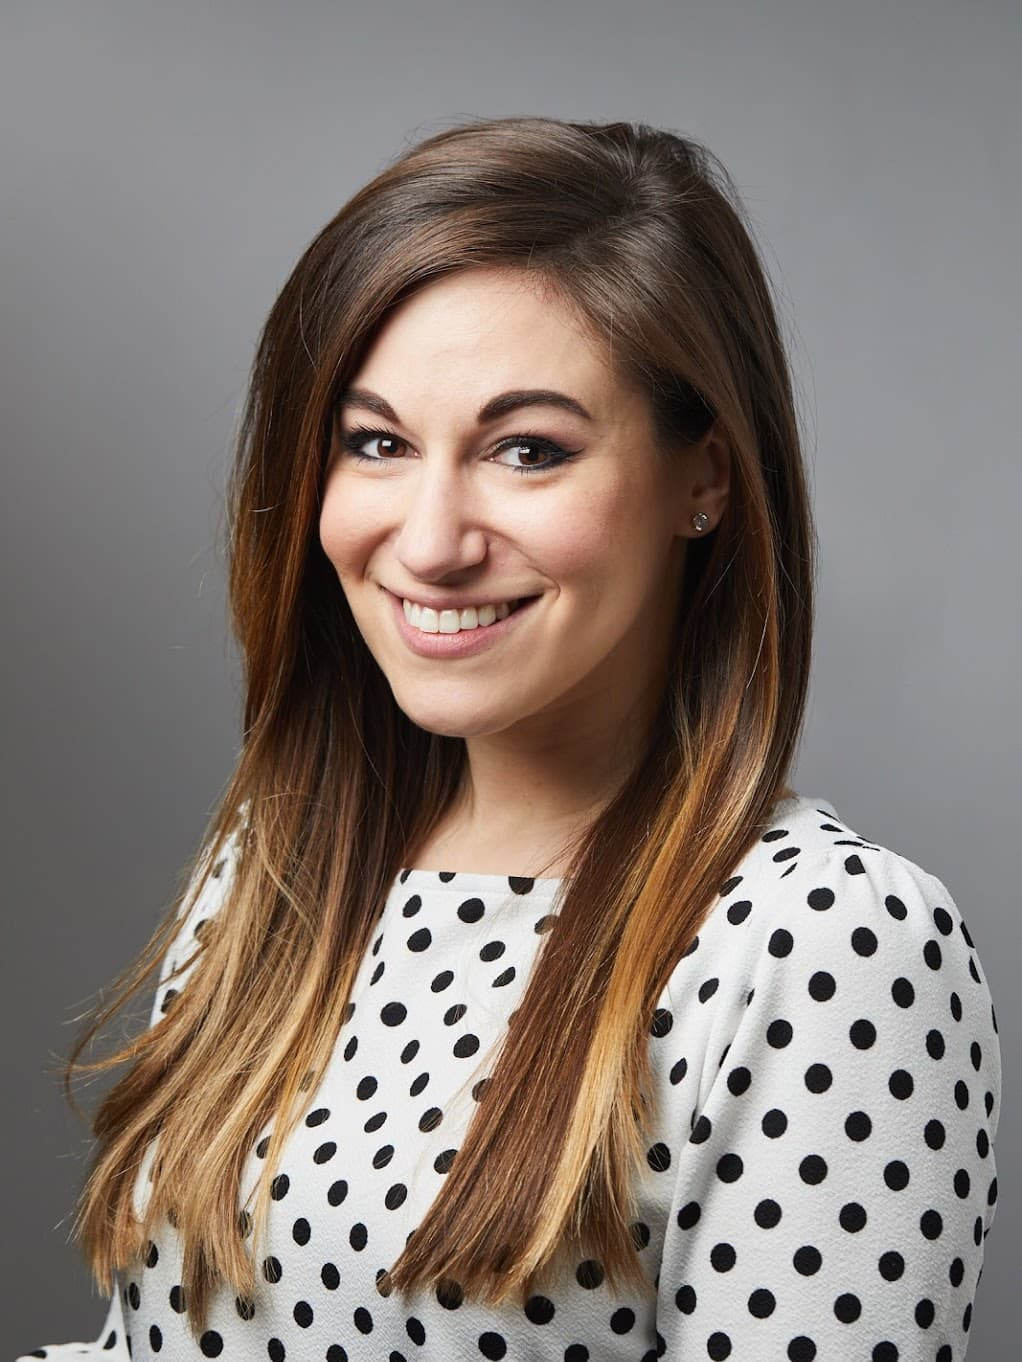 Amanda Lowell